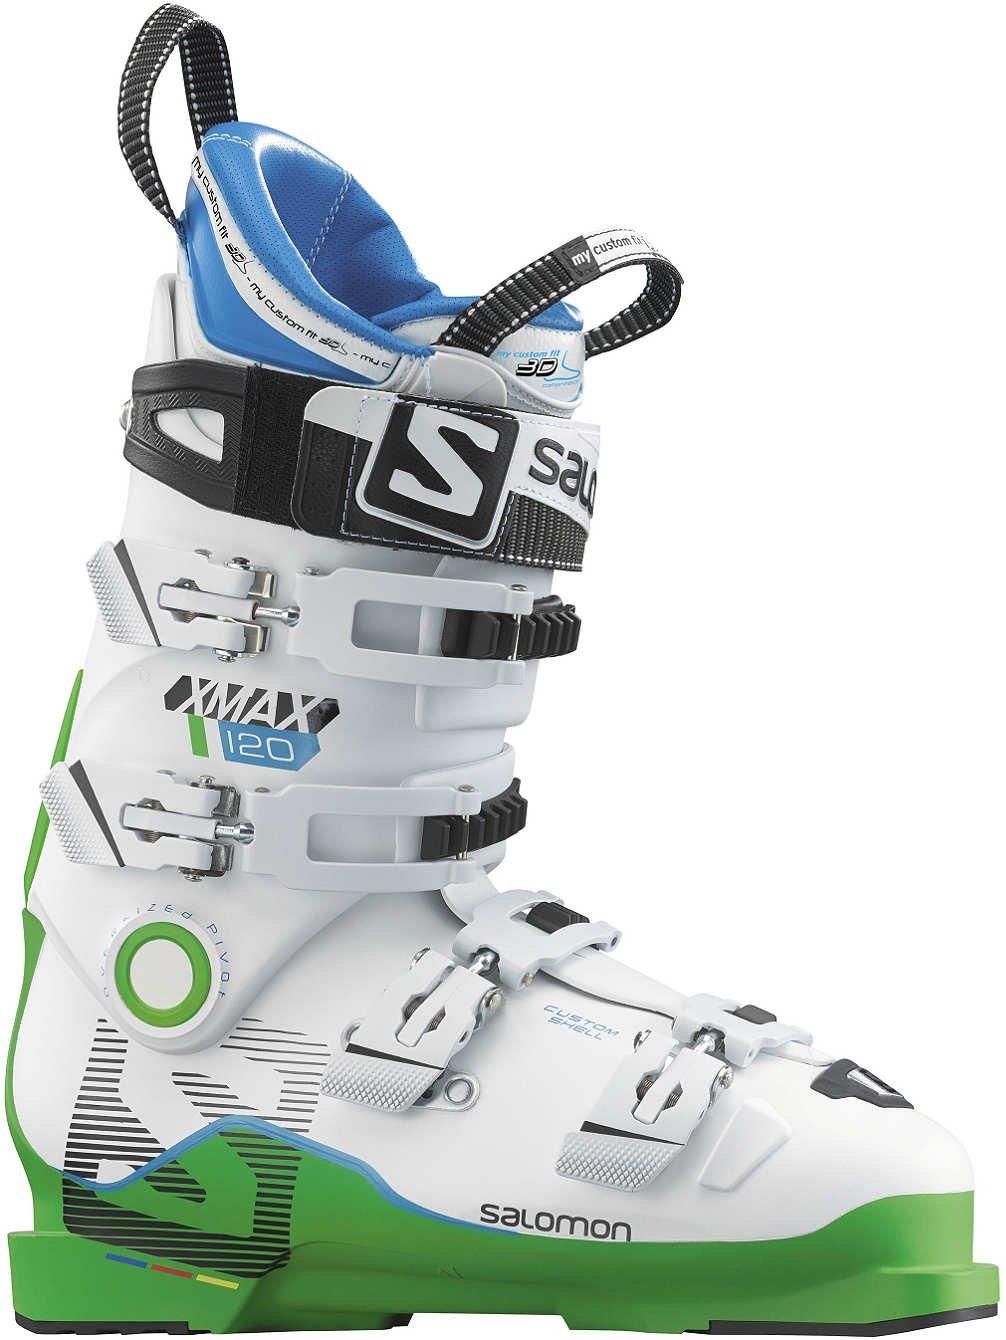 SALOMON(サロモン)X MAX 120 スキーブーツ 大人用 レーサー エキスパート向け L37812800 緑白い 緑/白い 27.5cm